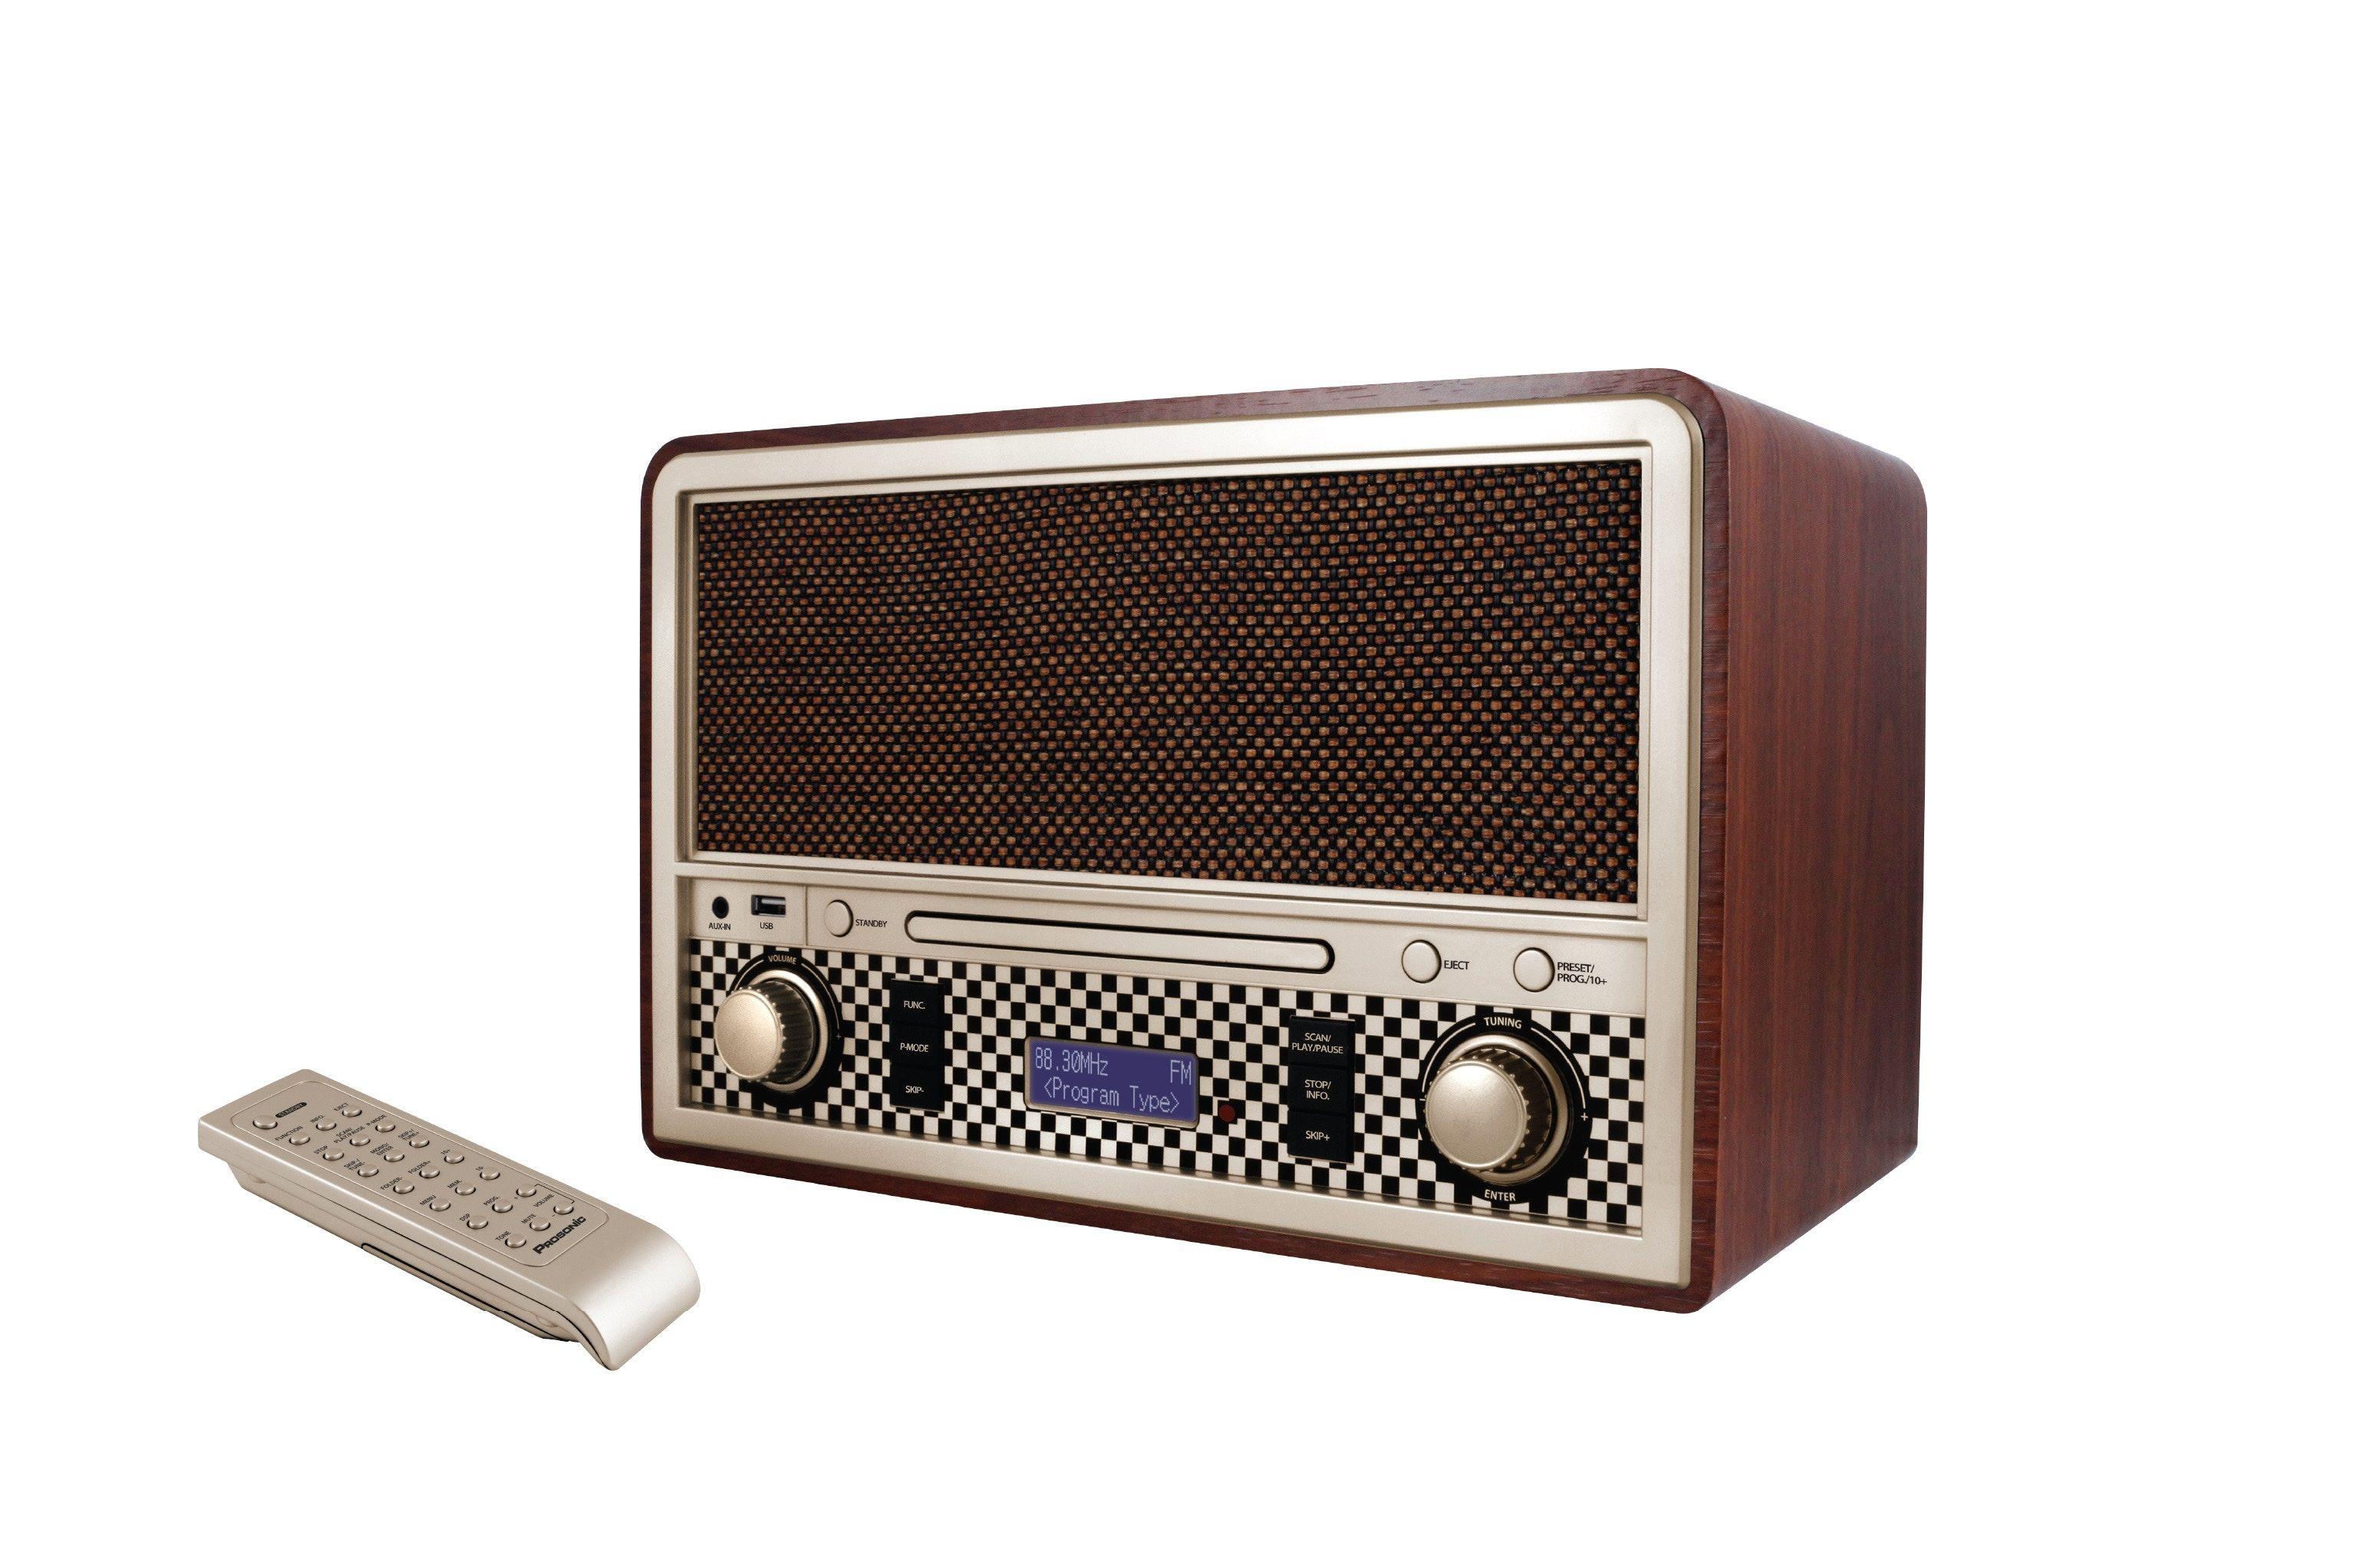 Gratis levering. Køb Prosonic retro RDC-505 - brun på Bilka.dk   Se også hele udvalget af Musikanlæg